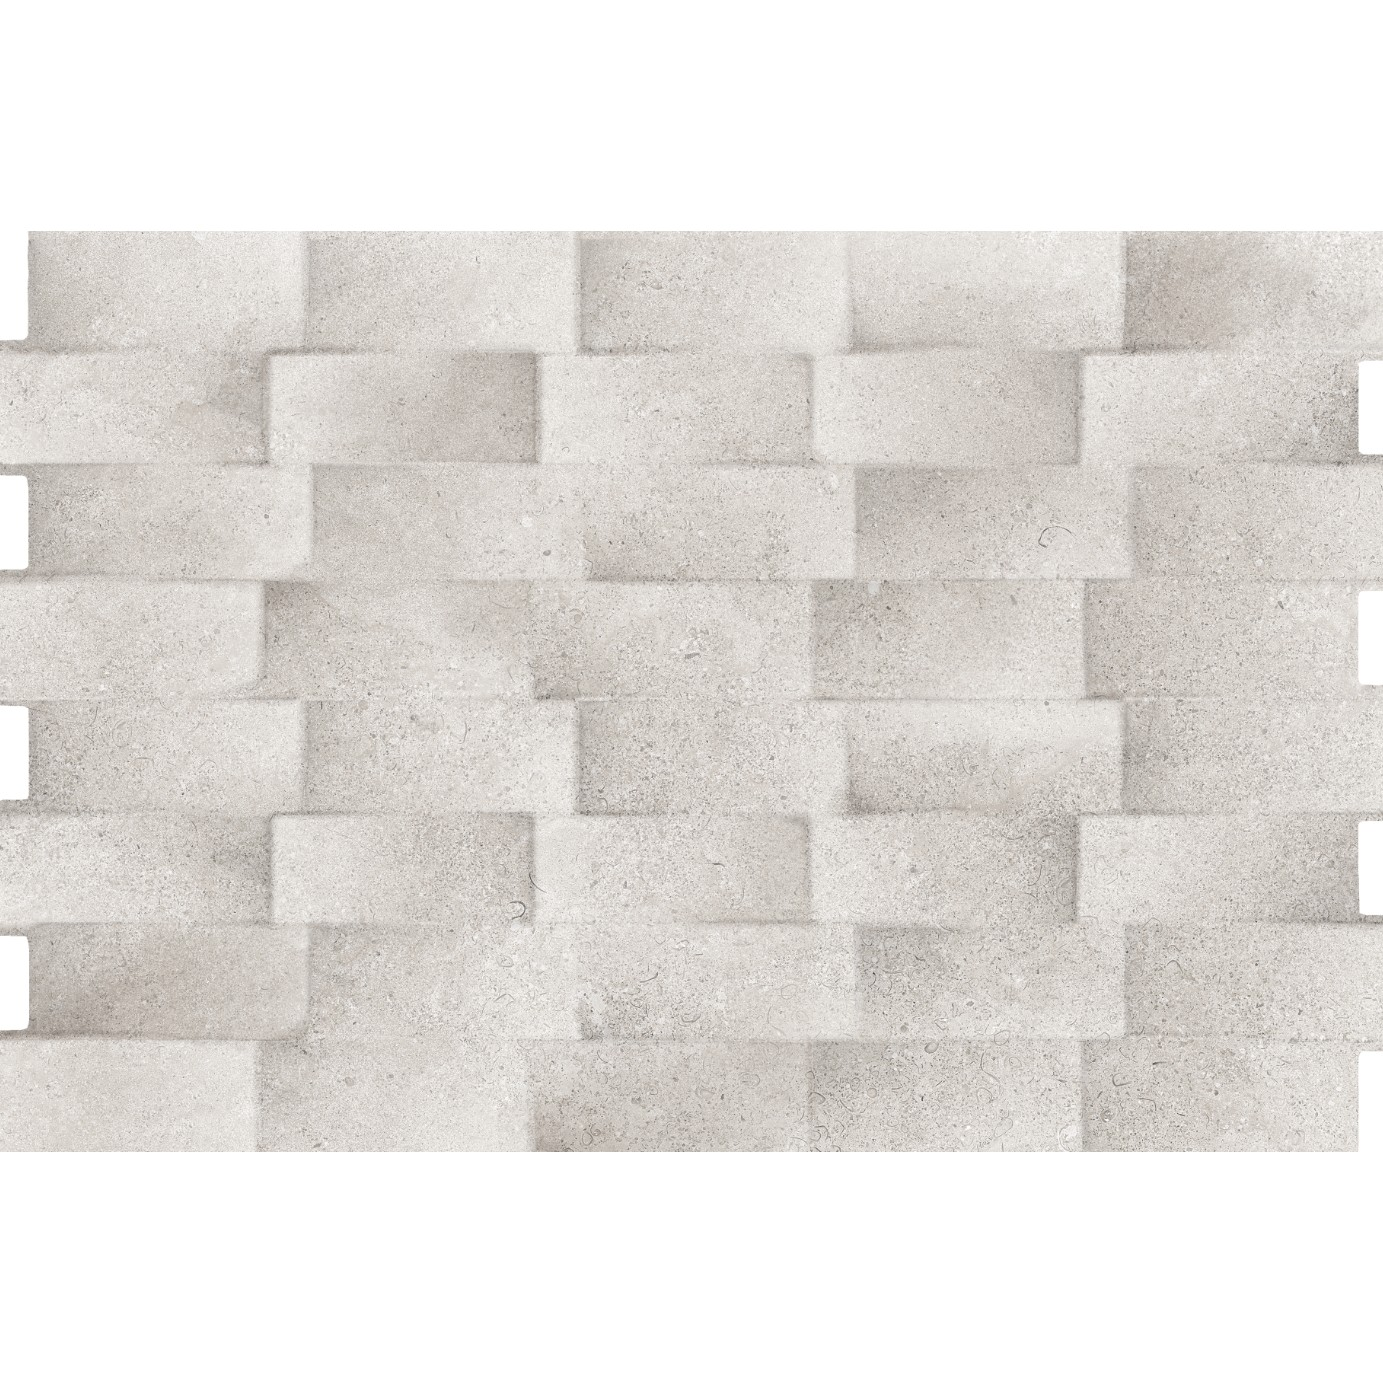 Revestimento Acetinado Valley Grey 34x50cm 238M - Pamesa